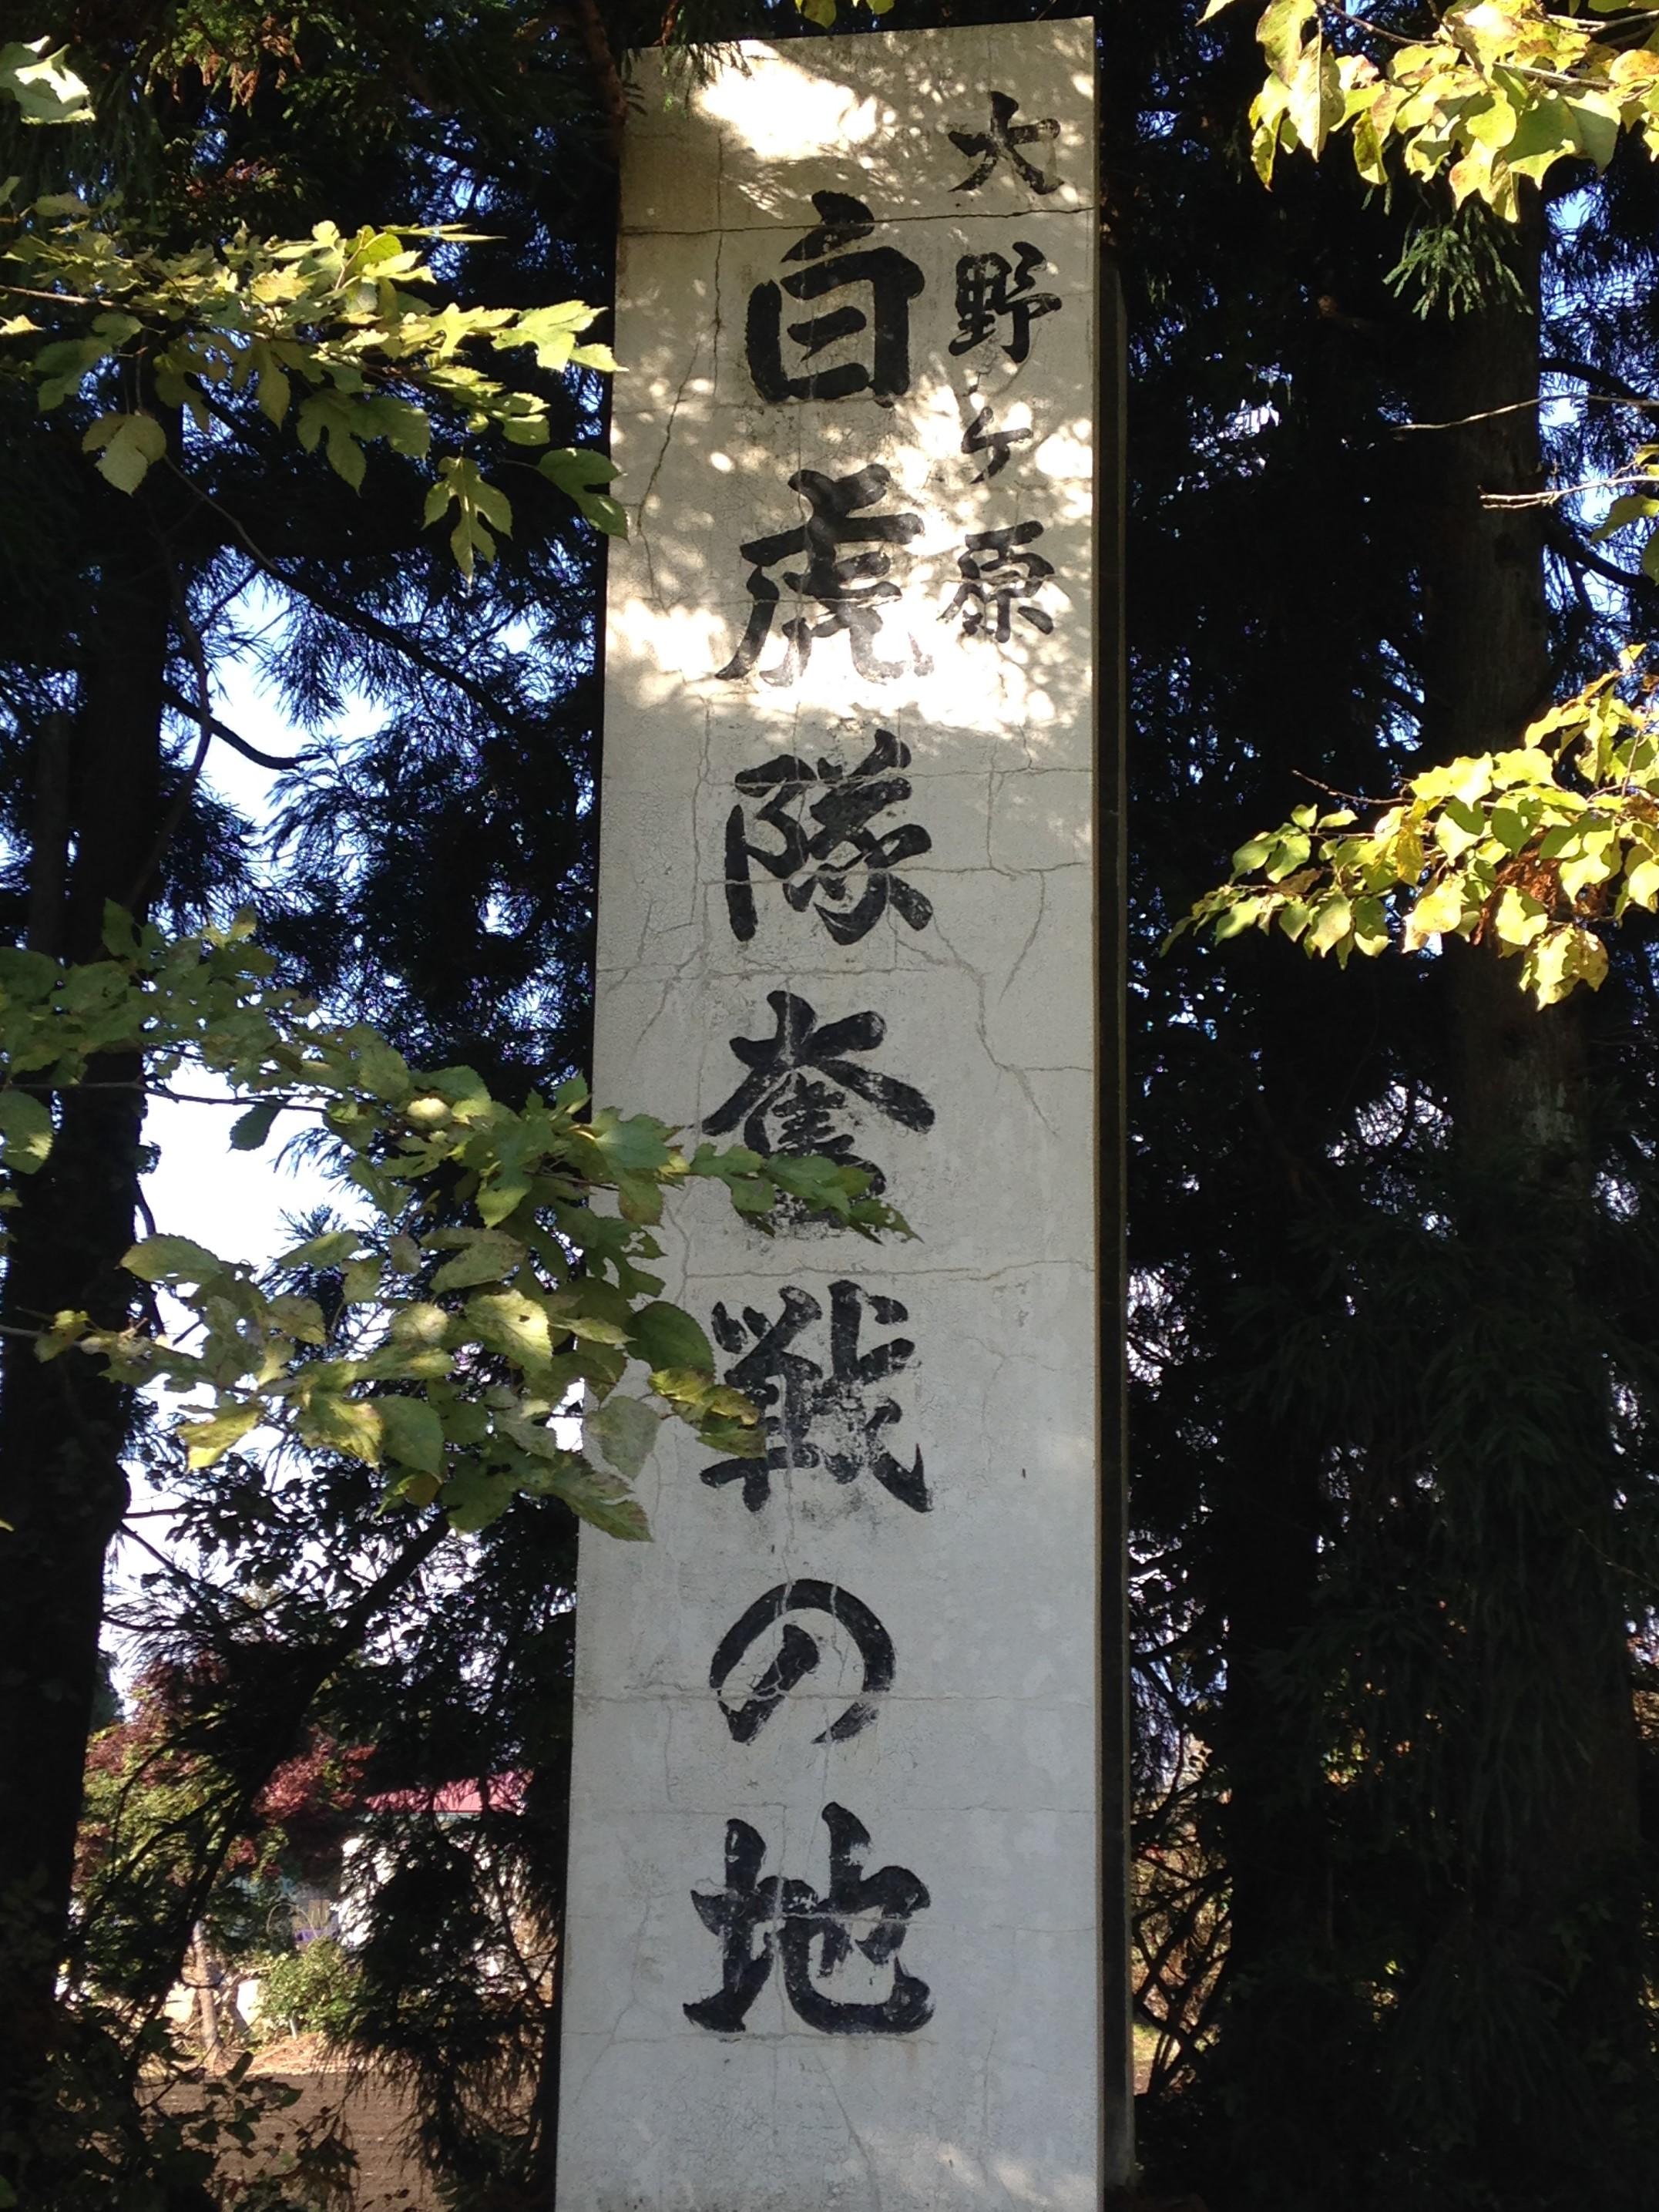 戸ノ口原の戦い・白虎隊士中二番隊出陣!